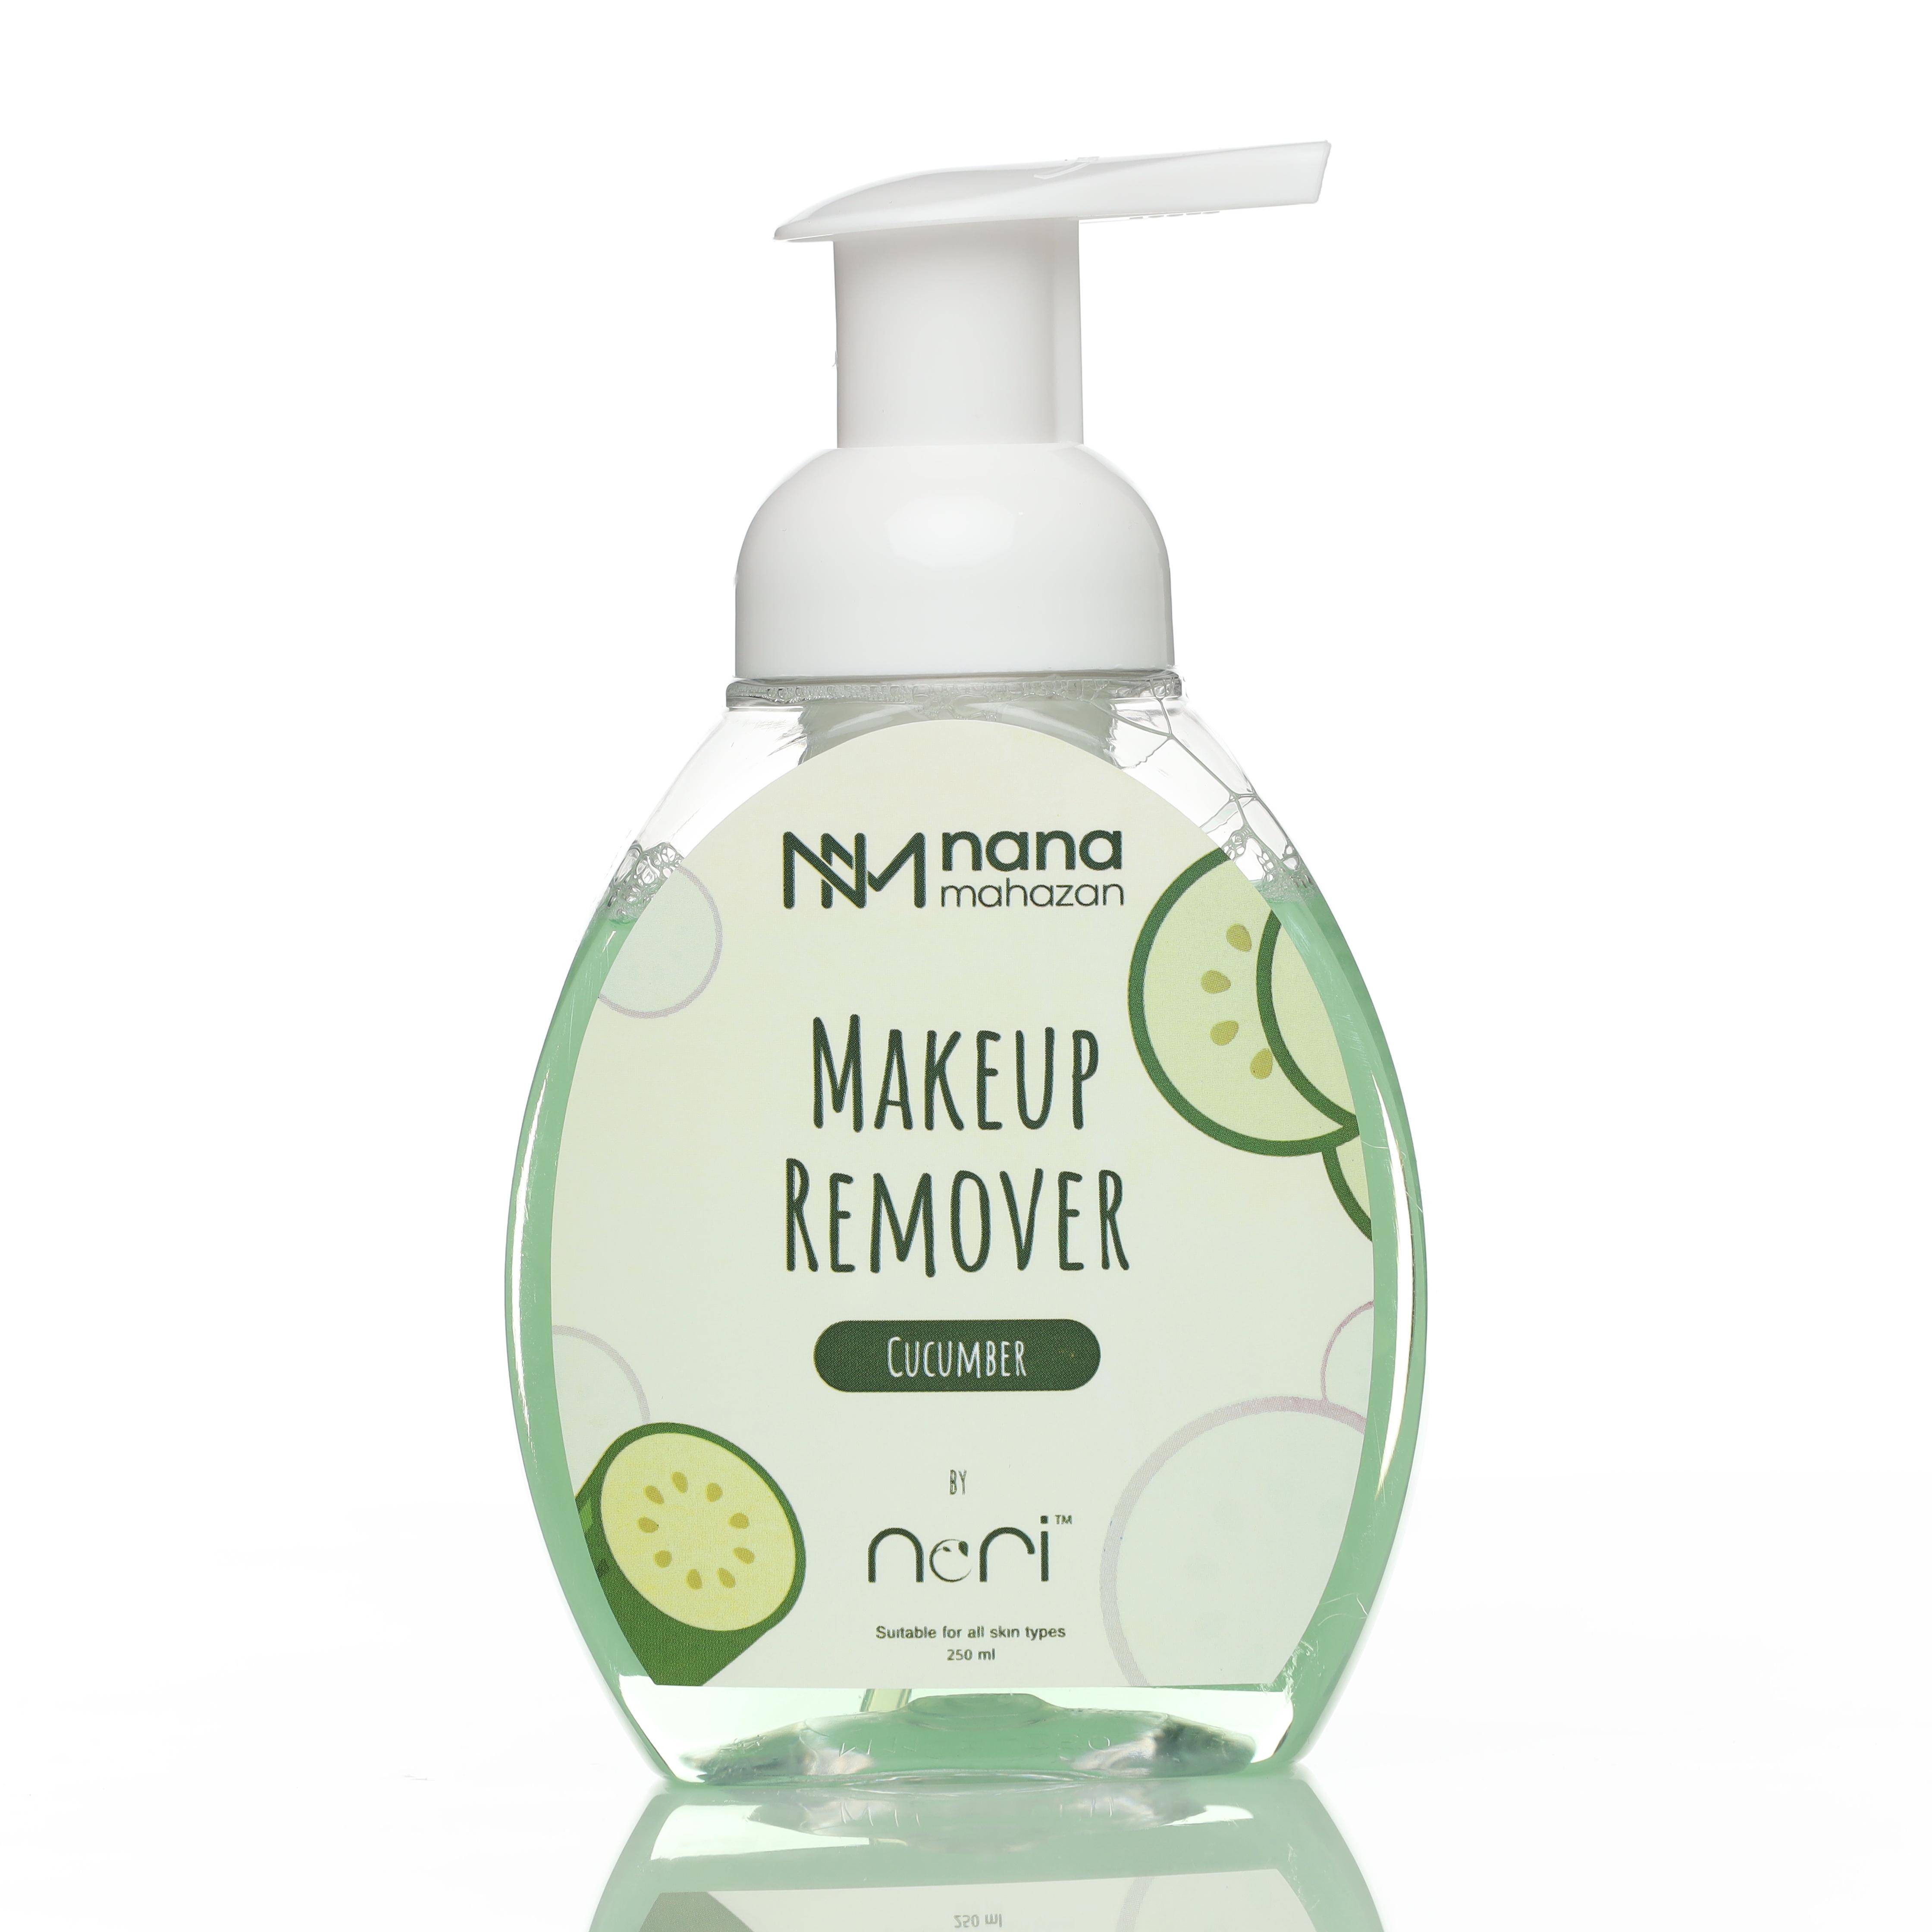 Cucumber Makeup Remover by Nana Mahazan